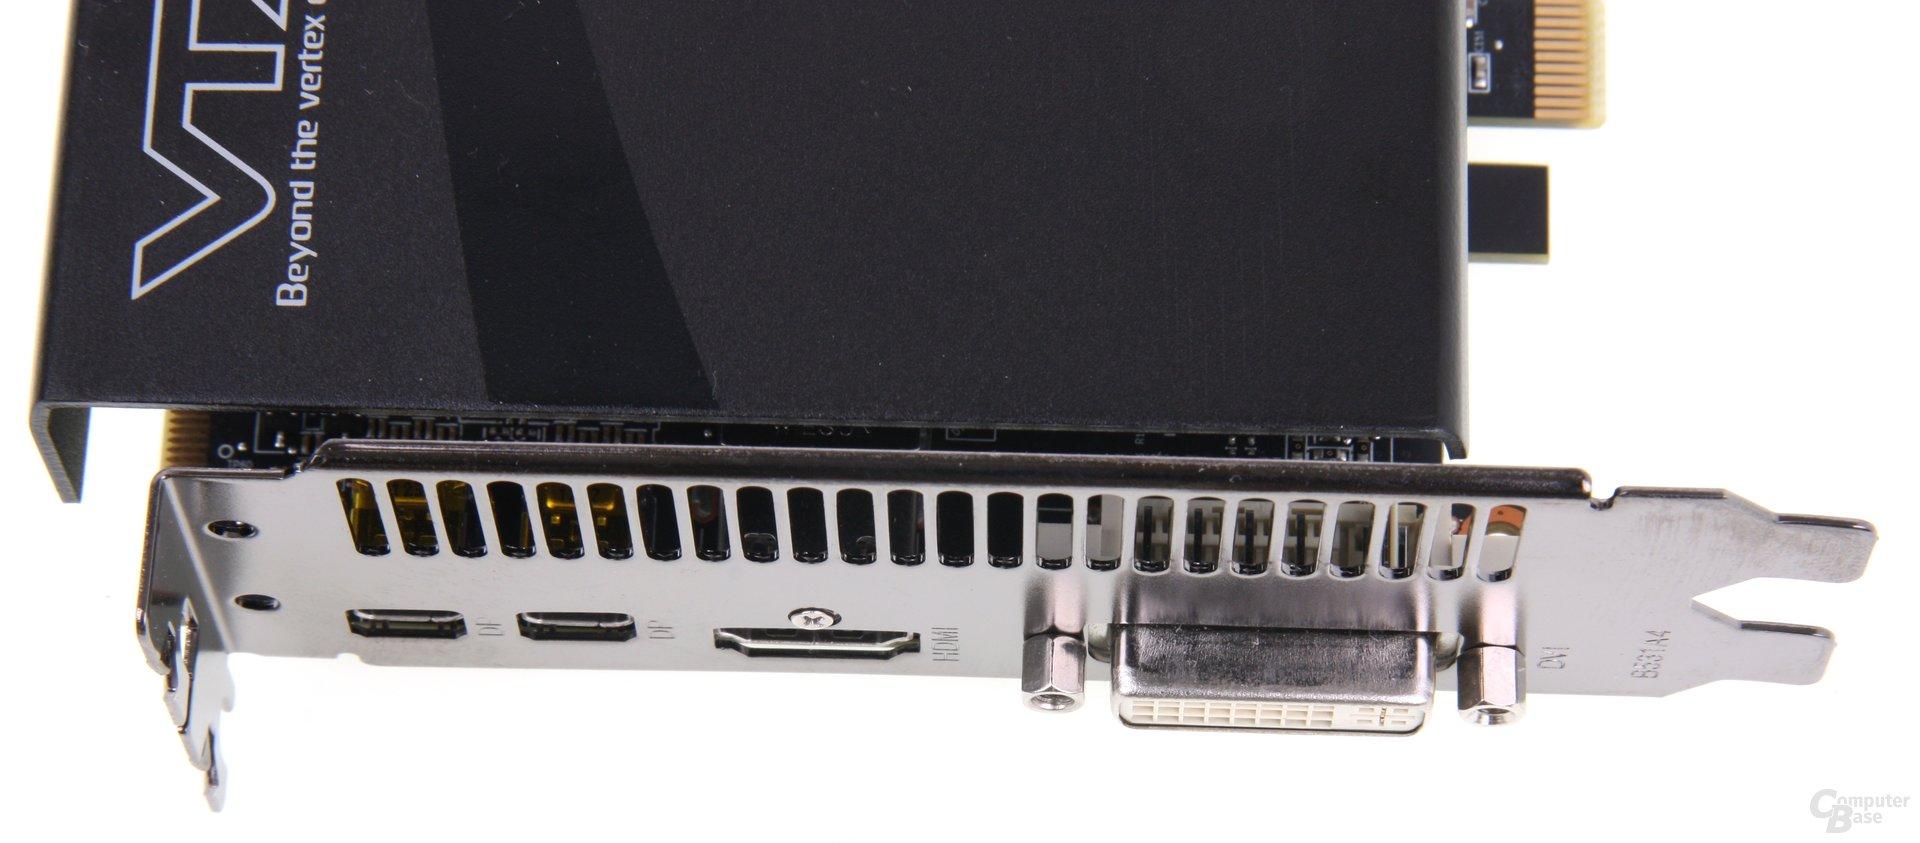 Radeon HD 7870 Black Boost Edition Anschlüsse